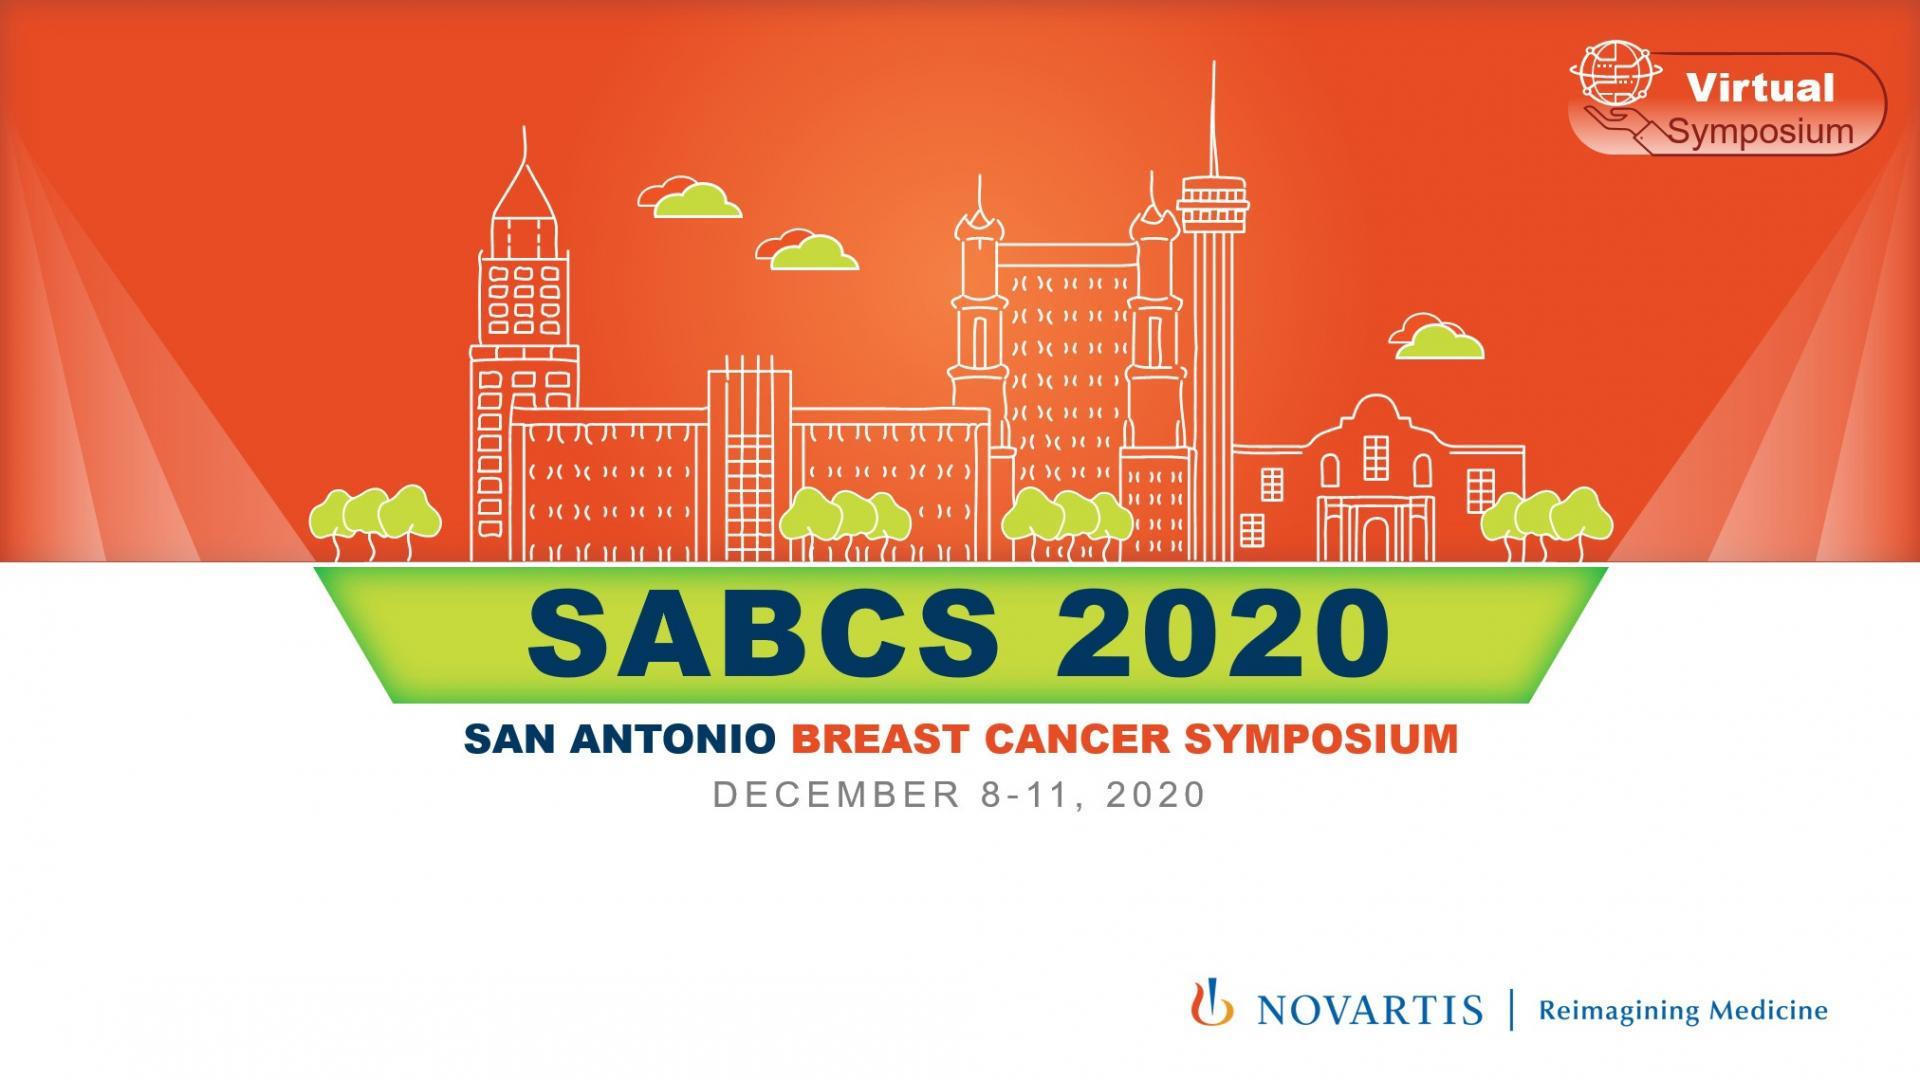 SABCS 2020